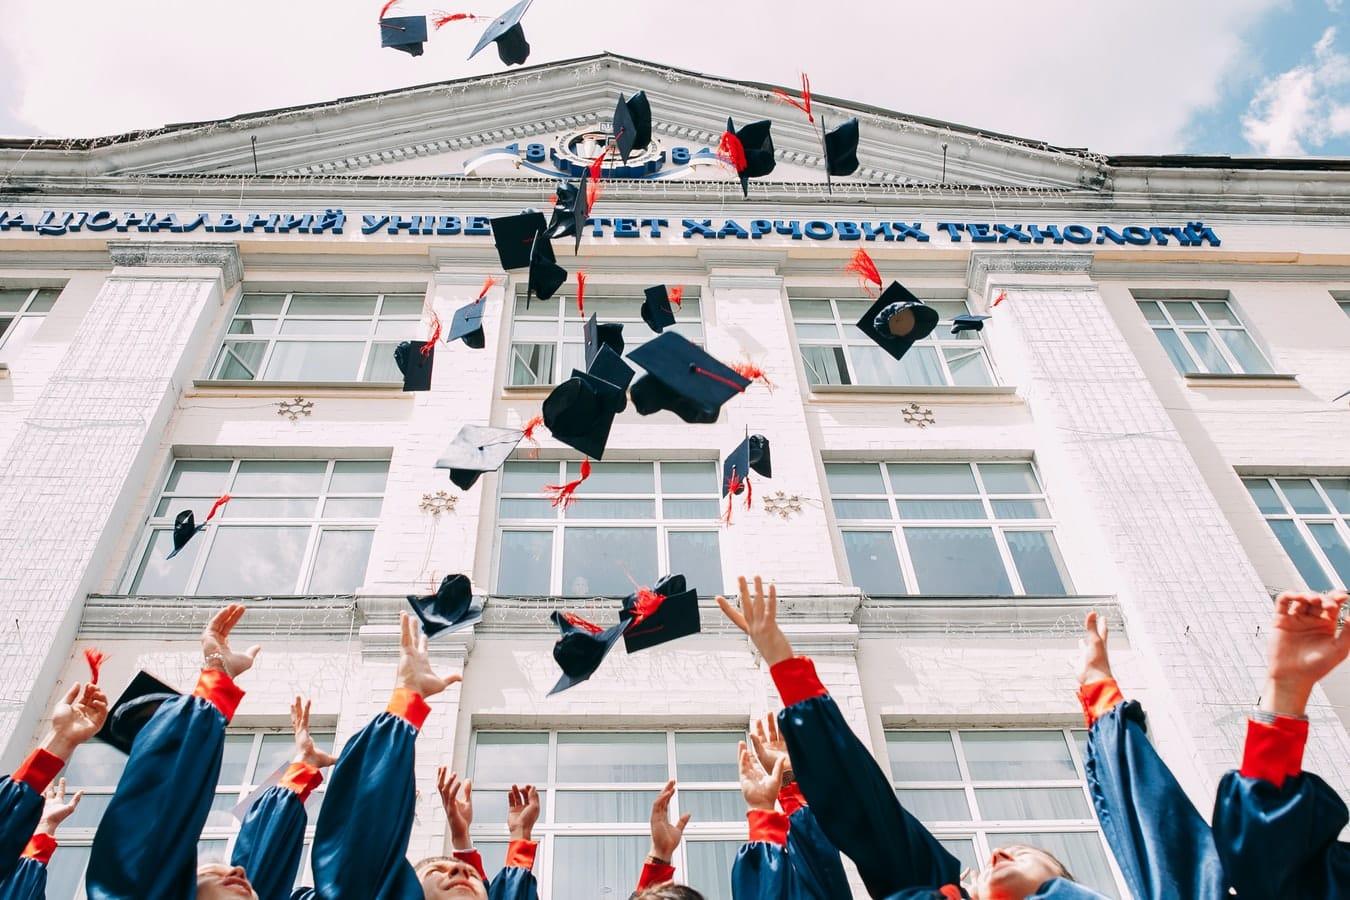 קרן השתלמות לאקדמאים, קרן ההשתלמות לאקדמאים, קרן השתלמות לאקדמאי